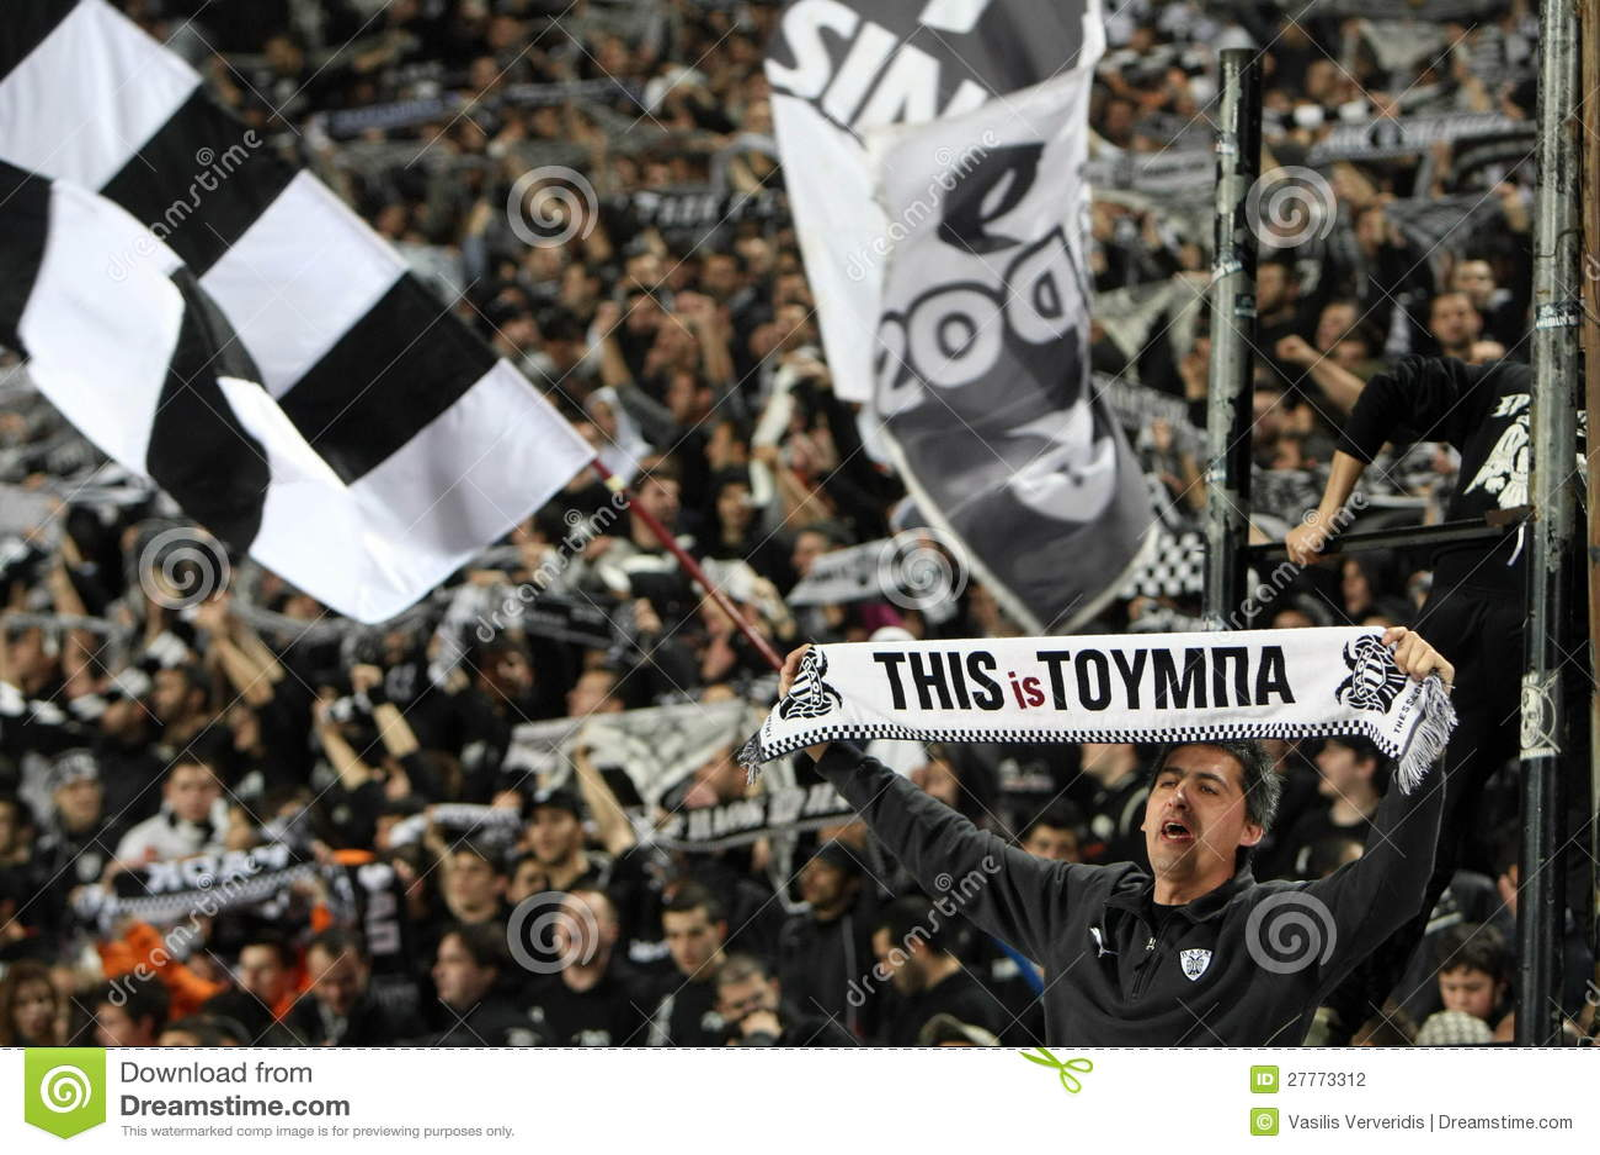 Partido de fútbol entre Paok y AEK